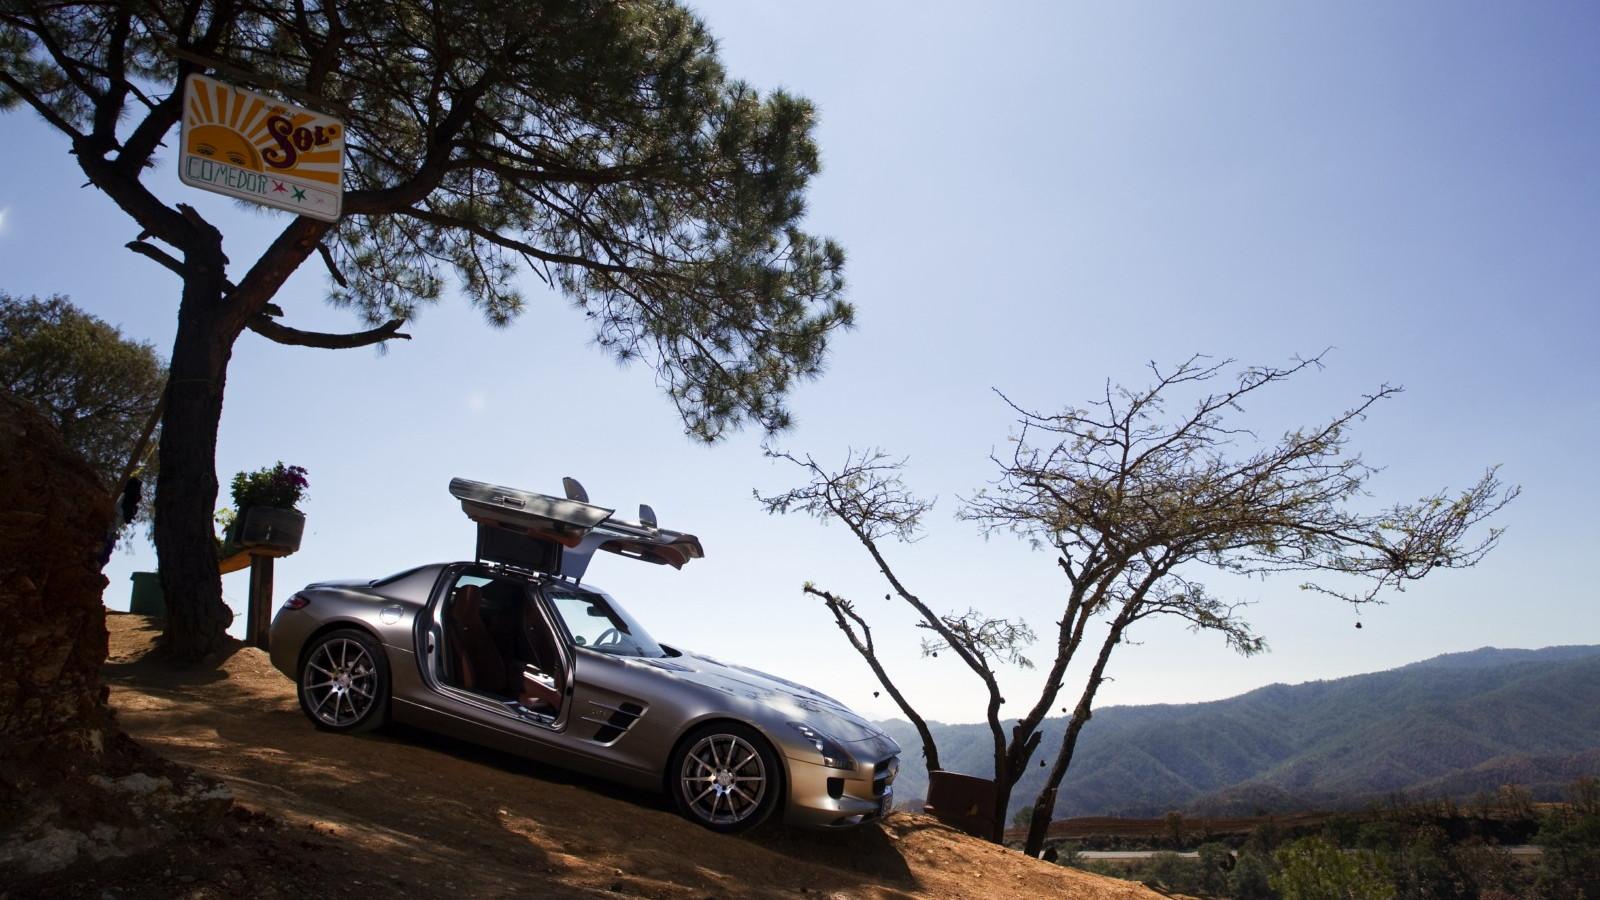 Mercedes SLS AMG Carrera Panamericana drive